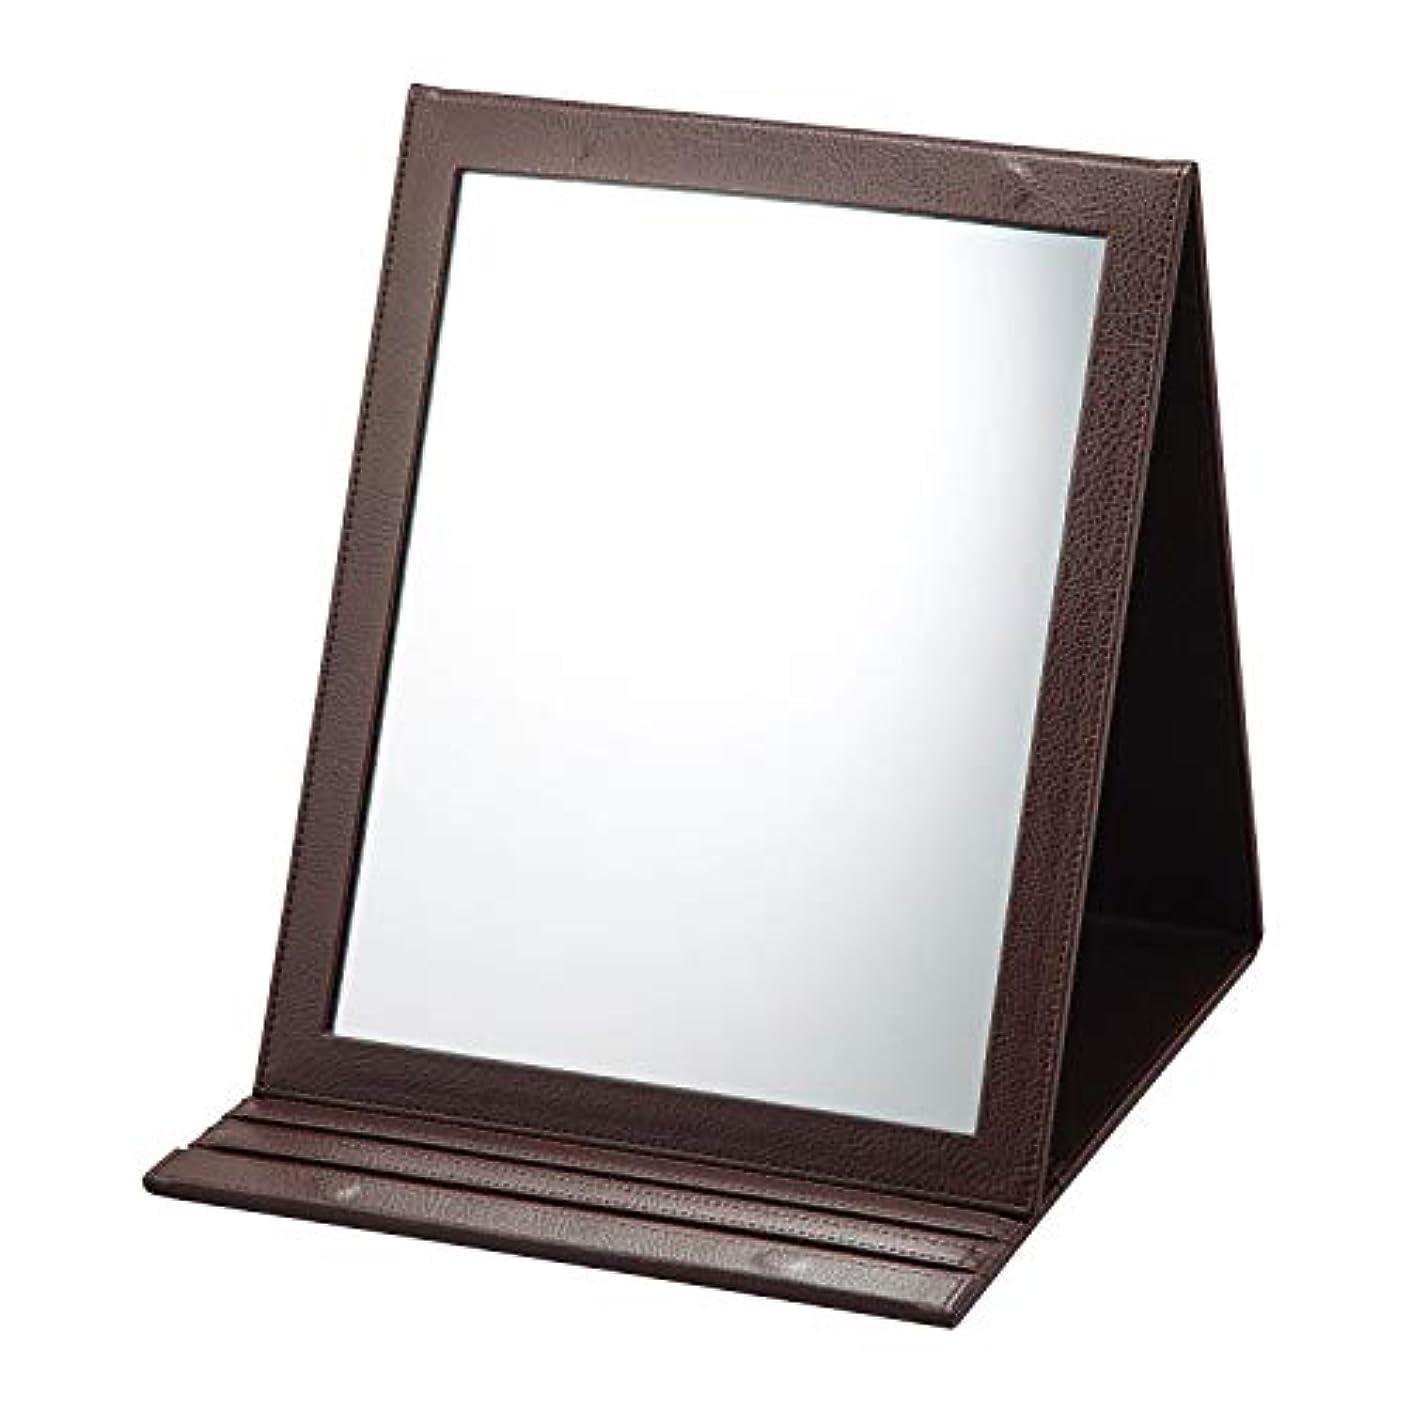 言う前方へ瞑想する折立鏡デカミラー 角度調整5段階 卓上 A4サイズ ヘアメイク ヘアアレンジ 化粧 折りたたみ 大きい デコルテまで見える